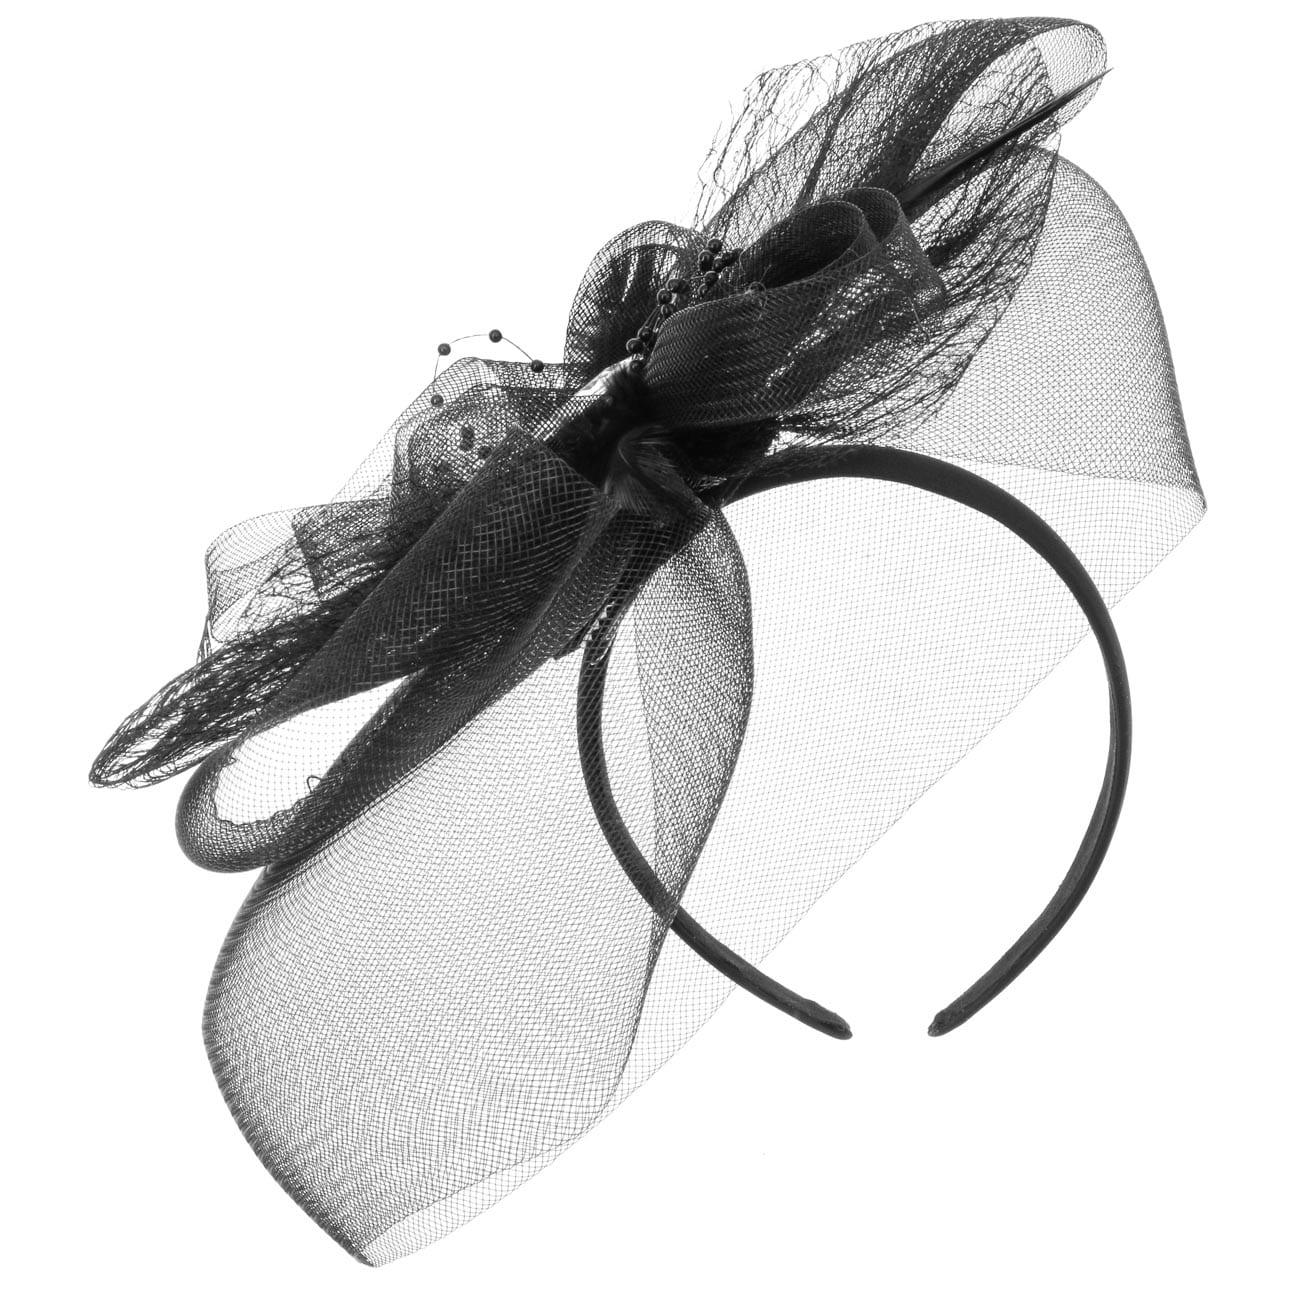 Tocado Loopy by Maja Prinzessin von Hohenzollern  sombrero de ocasi?n especial